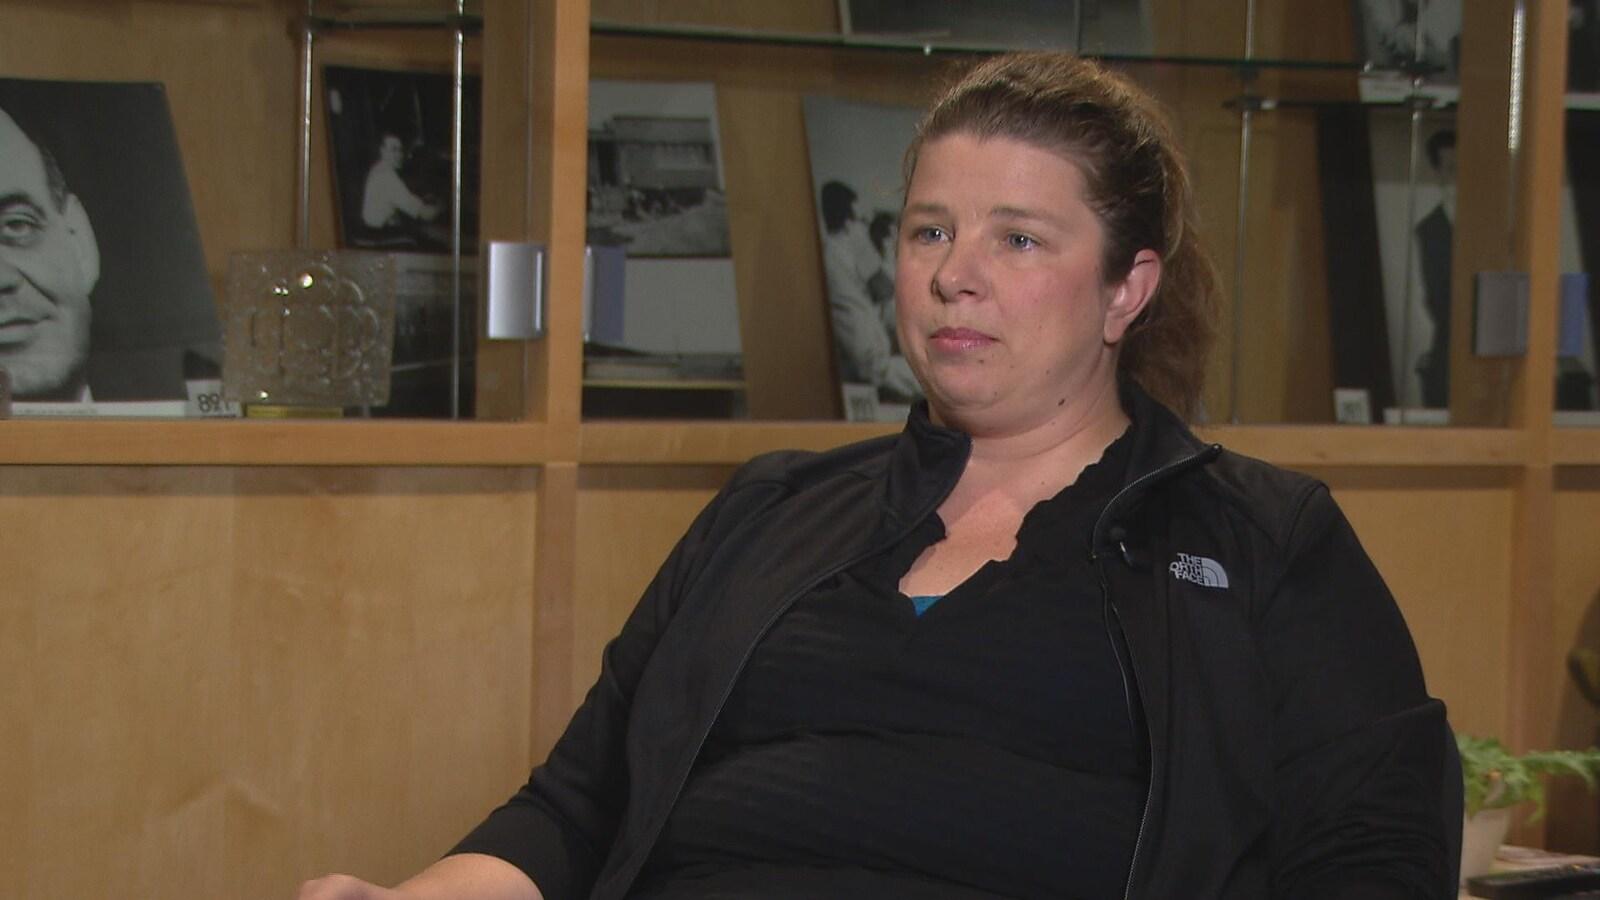 Elle est assise dans les studios de Radio-Canada pour une entrevue. Elle a les cheveux attachés et porte des vêtements noirs.